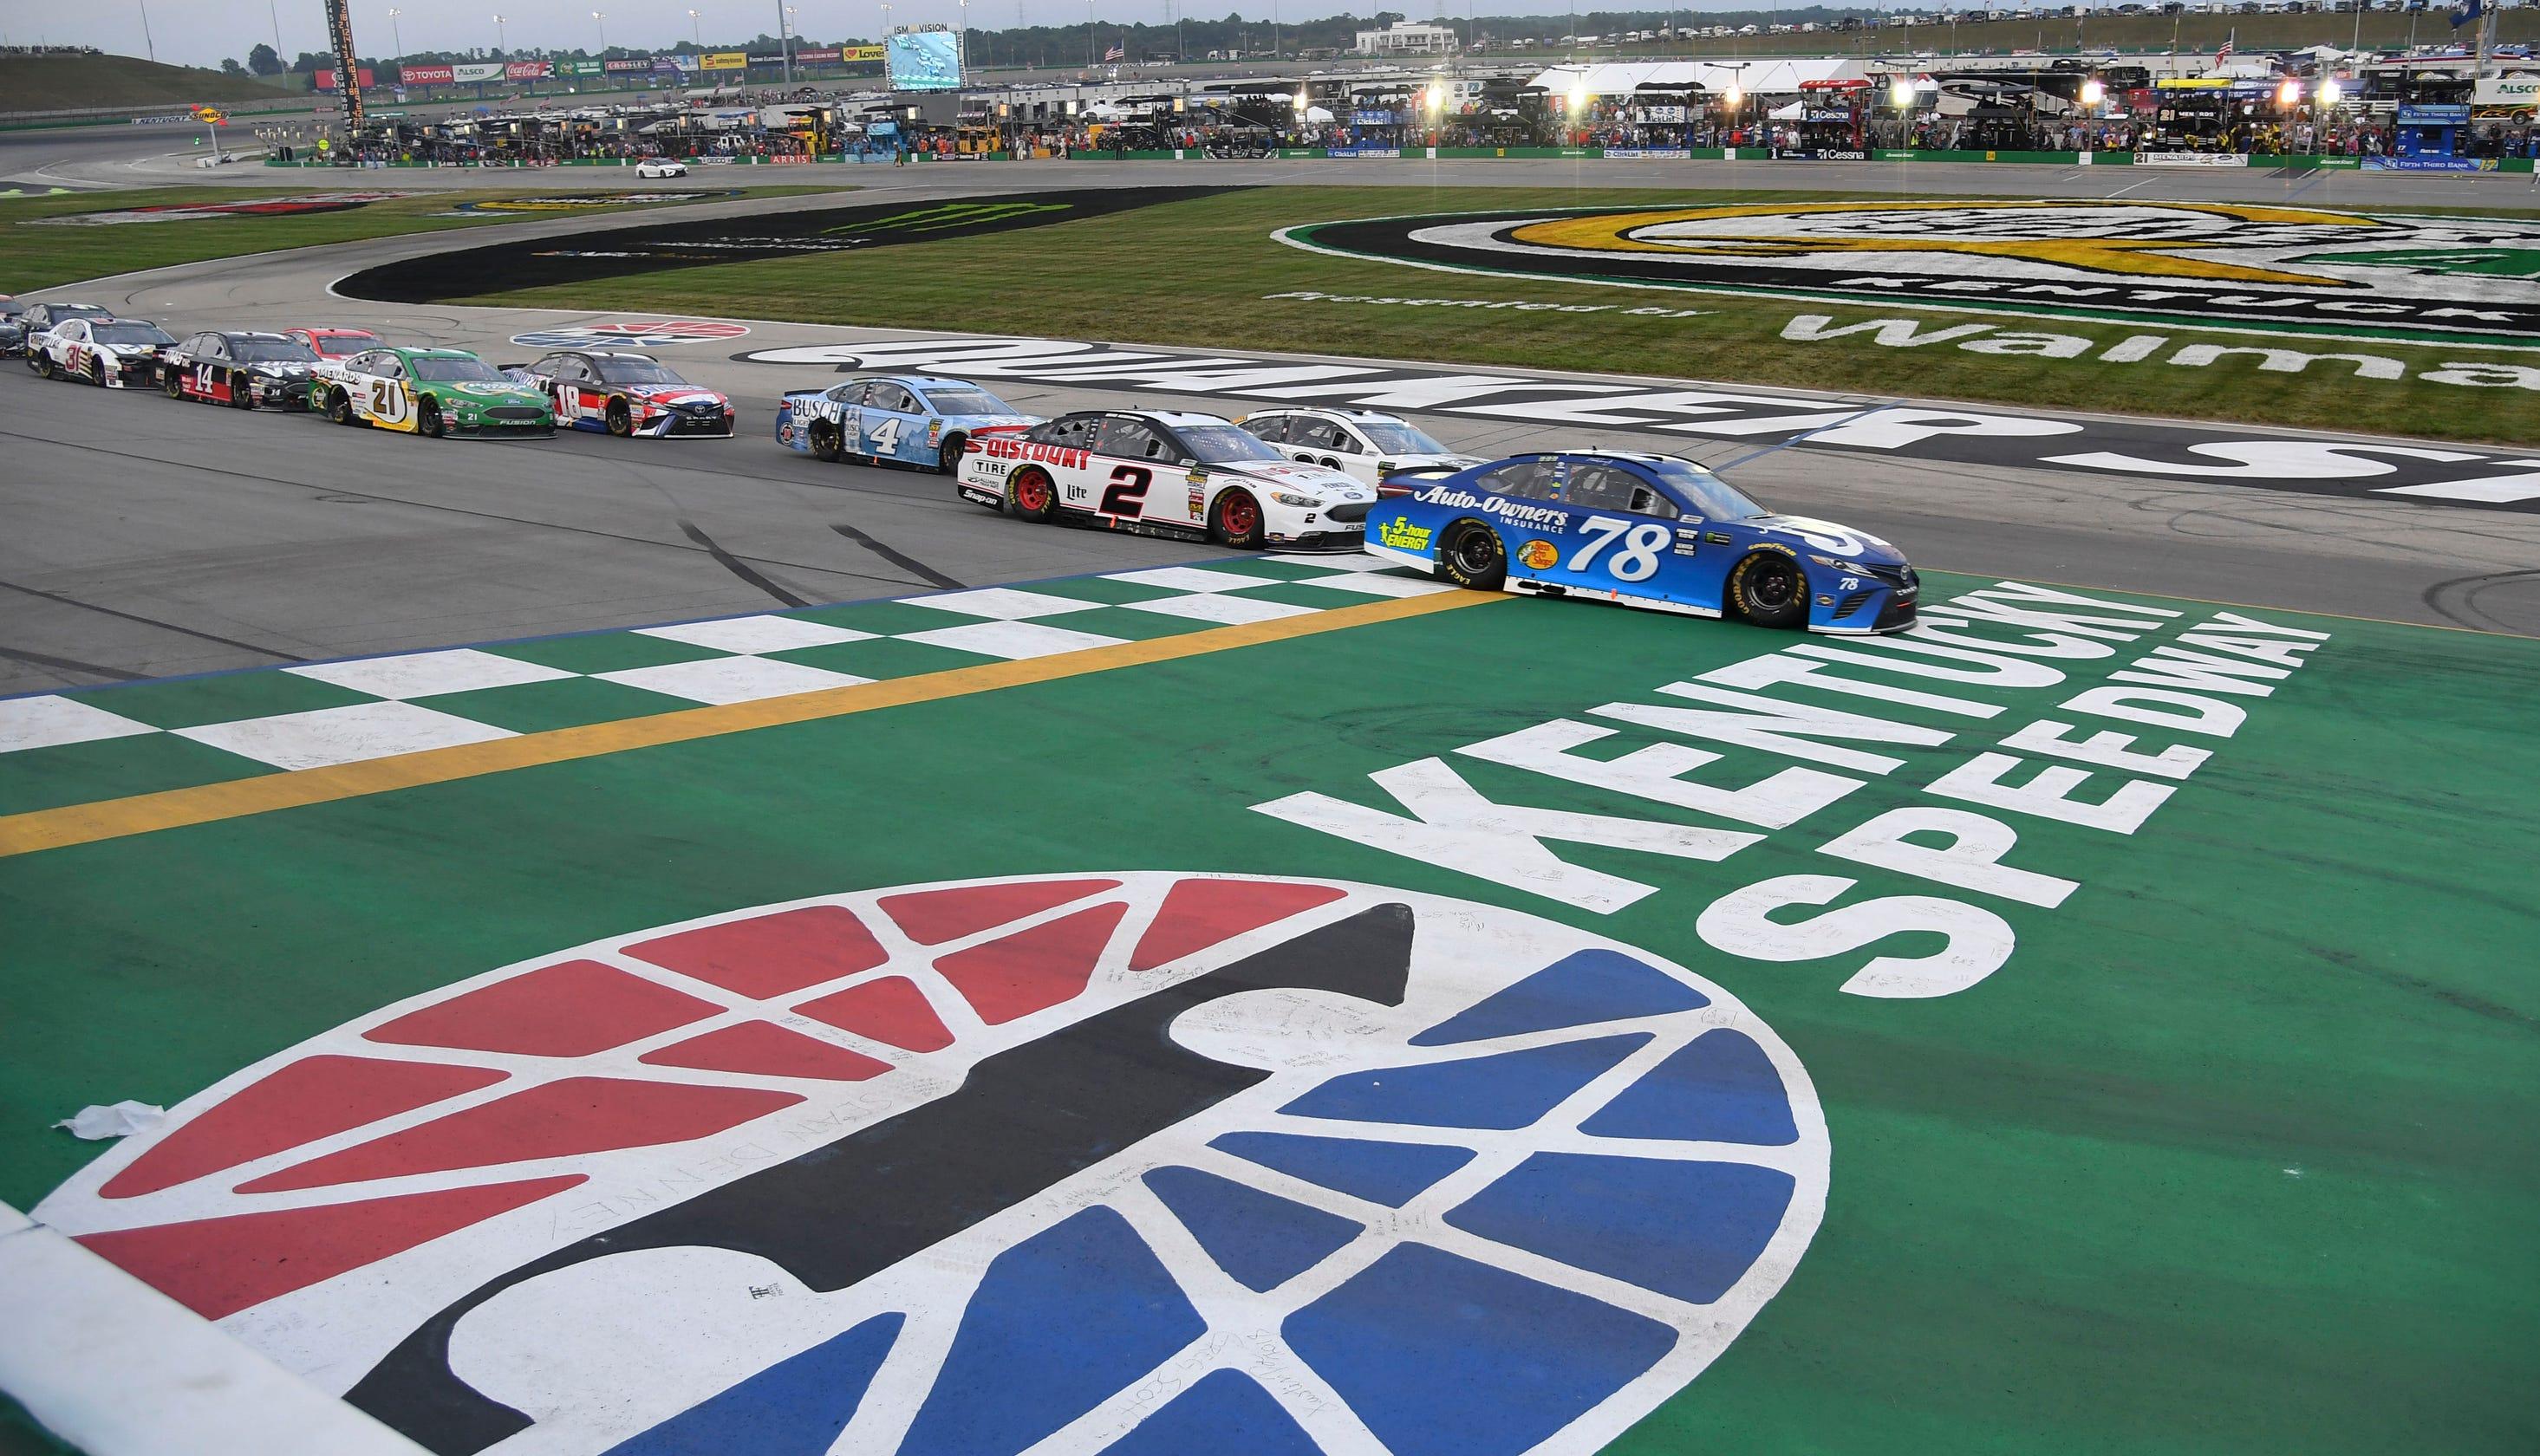 Kentucky Speedway reschedules Quaker 400 race weekend but without spectators